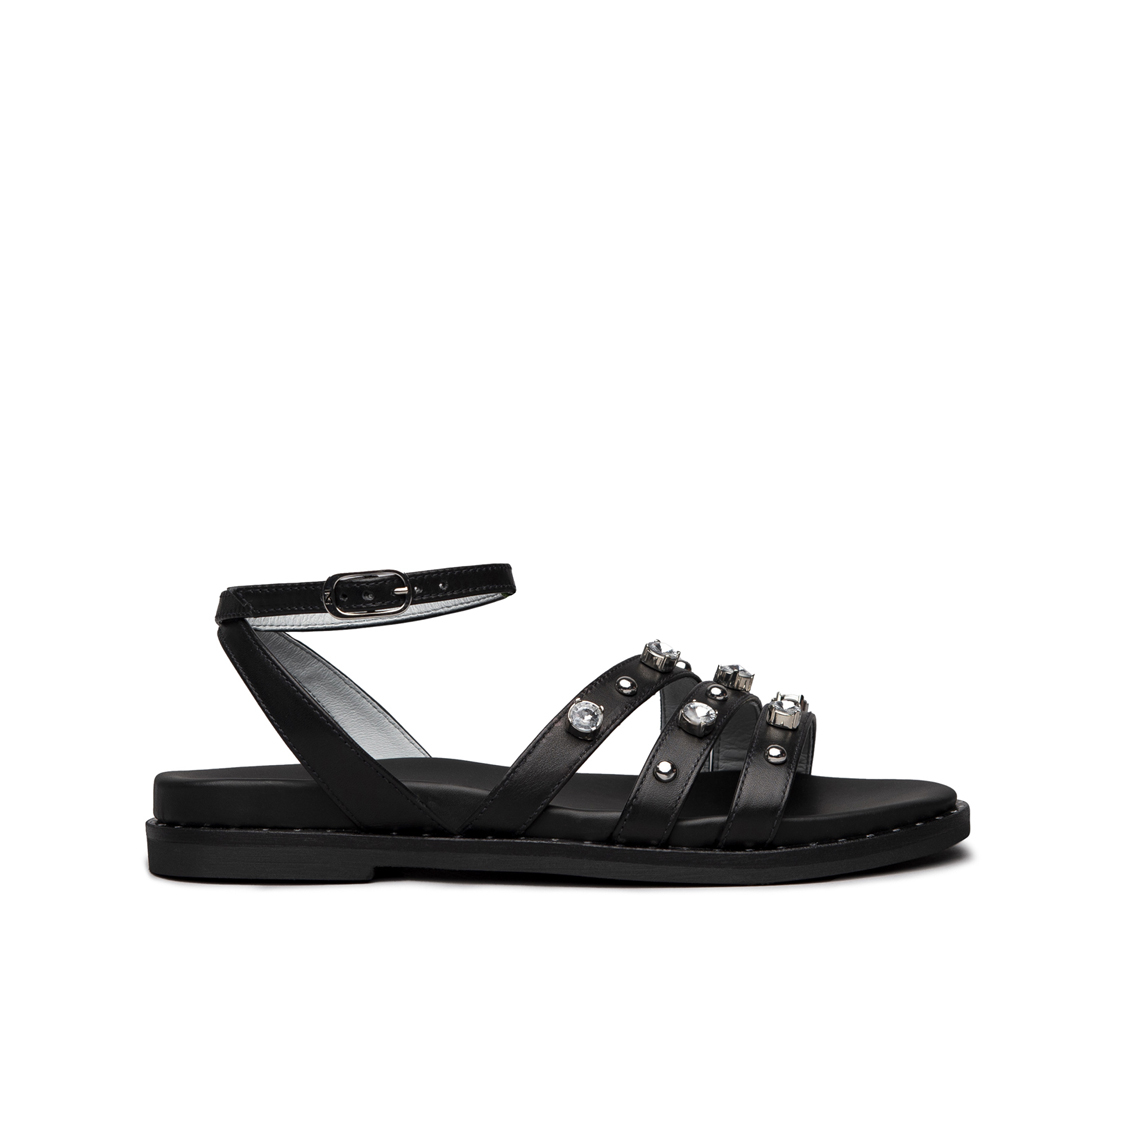 Sandalo nero con borchie NeroGiardini